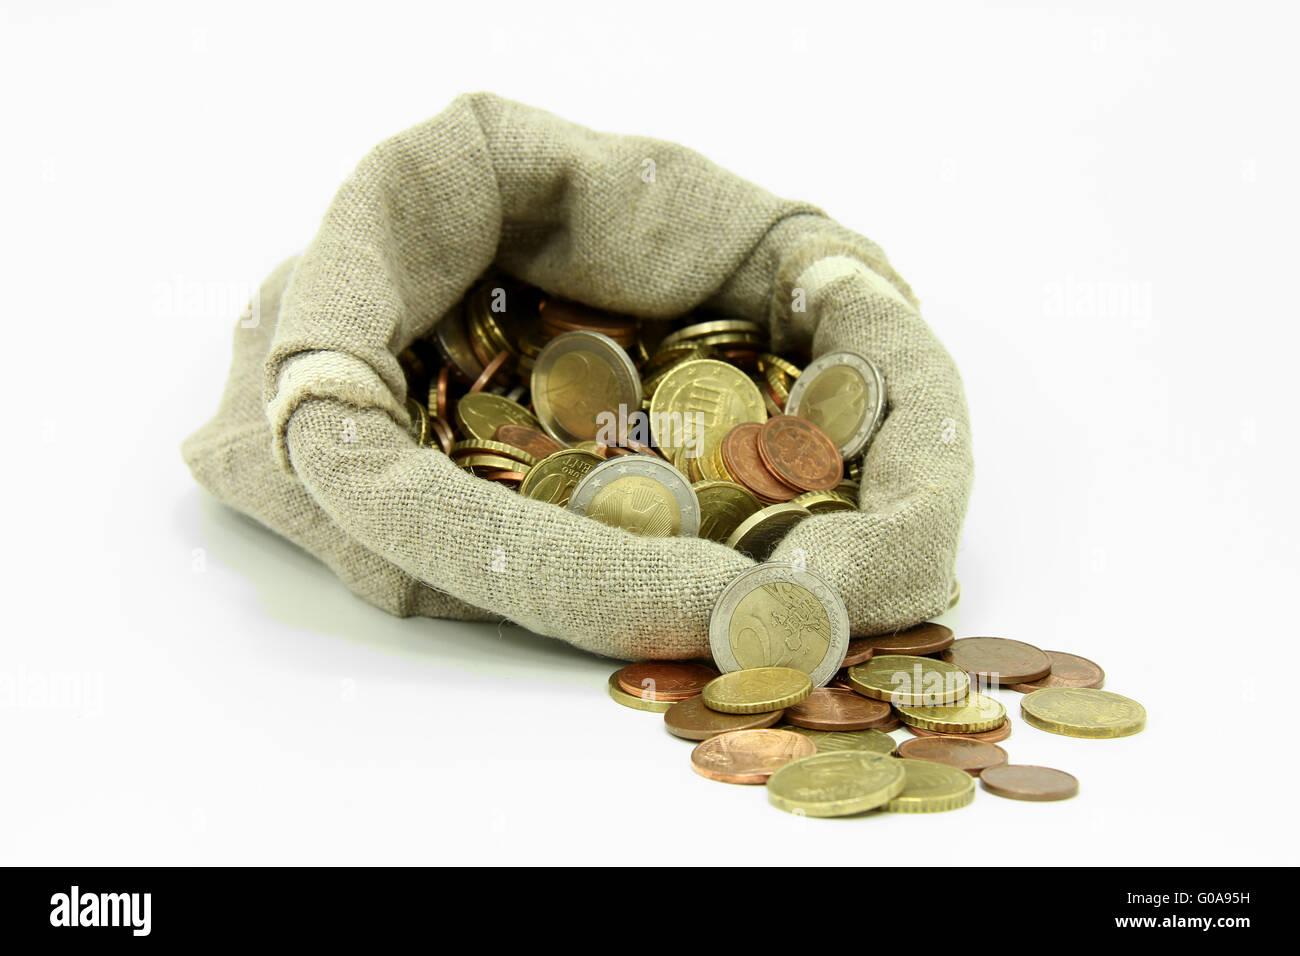 euros - Stock Image